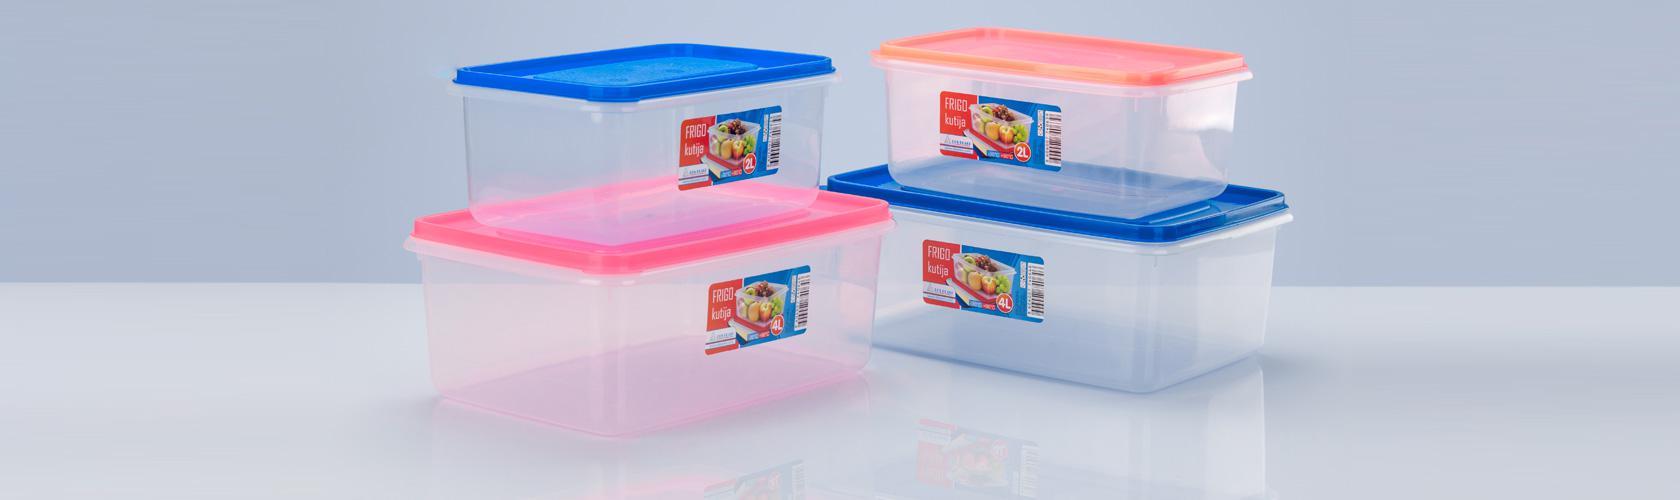 DDS Plast frigo boxes